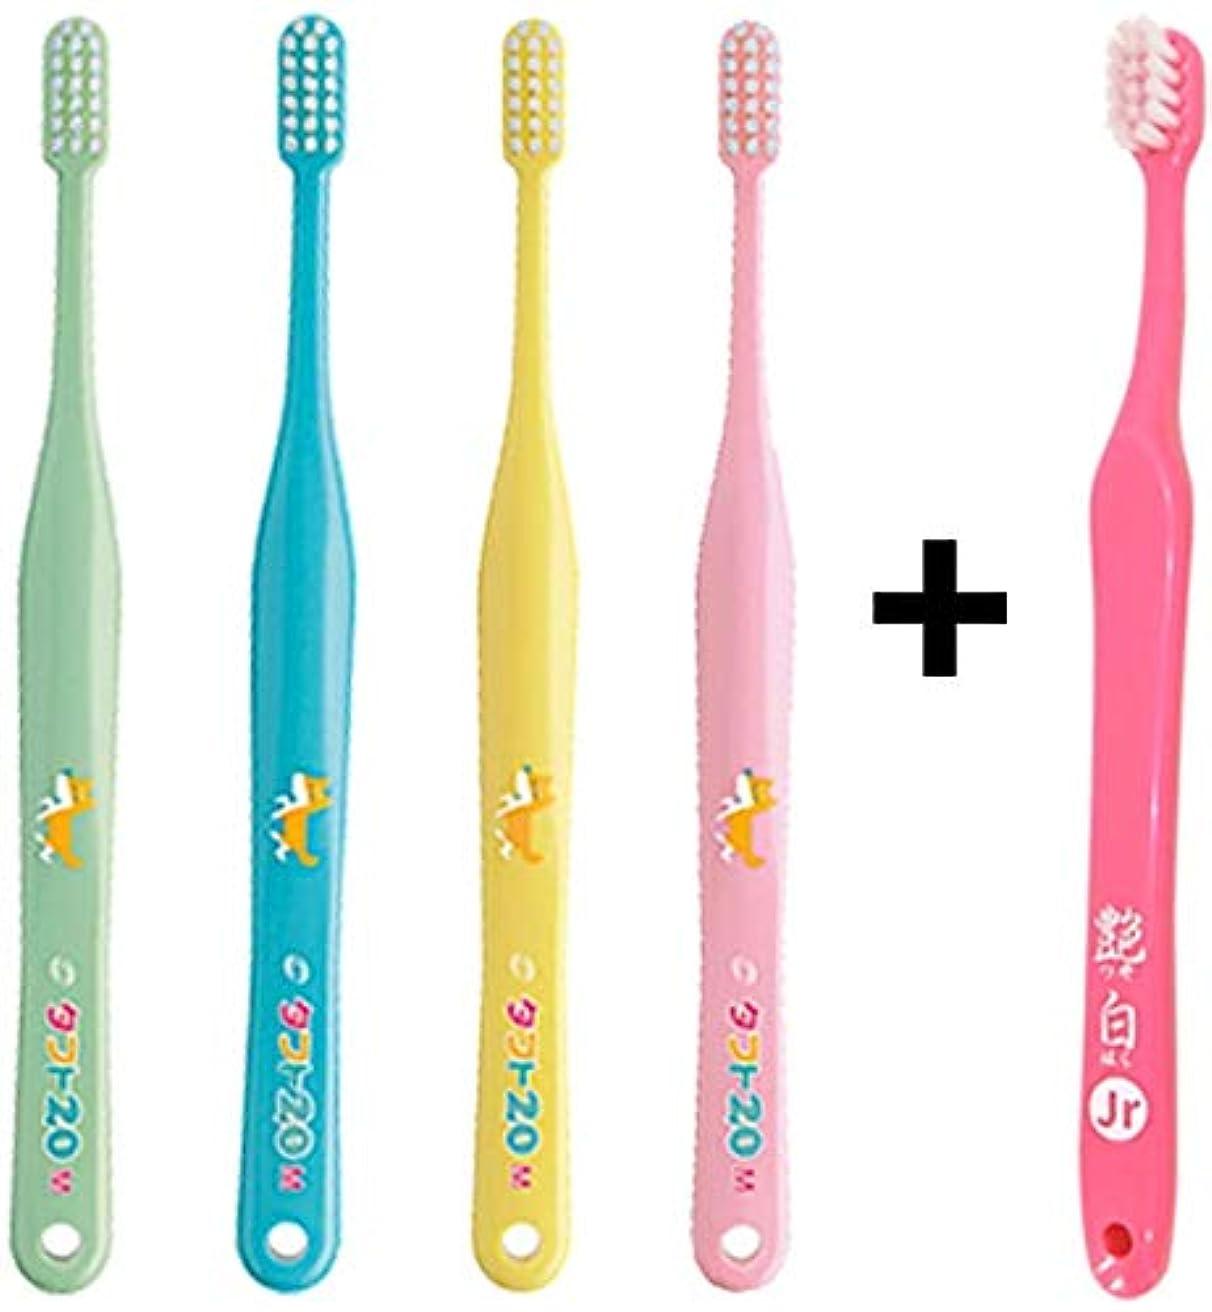 爆発物割れ目非難するタフト20 M(ふつう) こども 歯ブラシ×10本 + 艶白(つやはく) Jr ジュニア ハブラシ×1本 MS(やややわらかめ) 日本製 歯科専売品